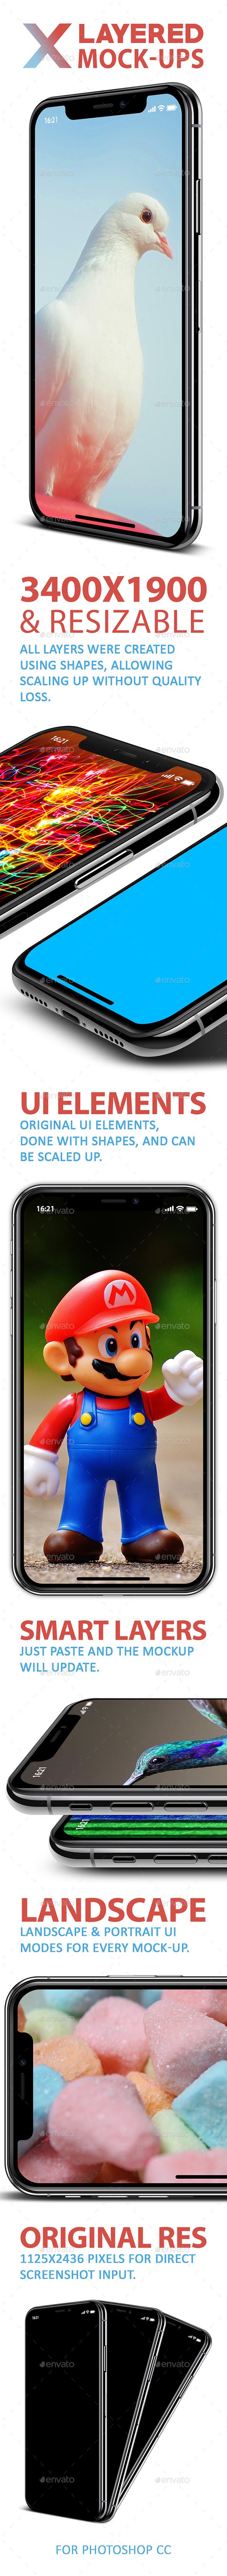 IPhone X 5 Layered PSD Mock-Ups